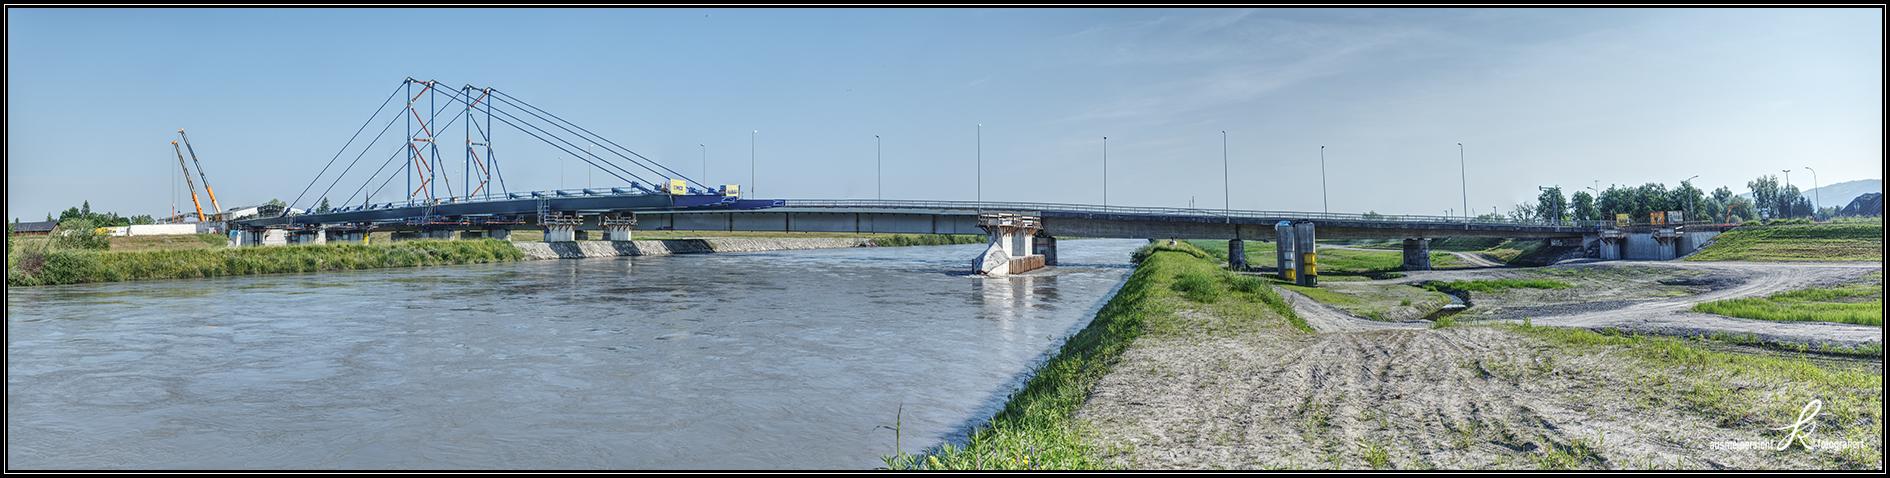 18.06.2021 Einschubteile kurz vor der Rheinüberquerung